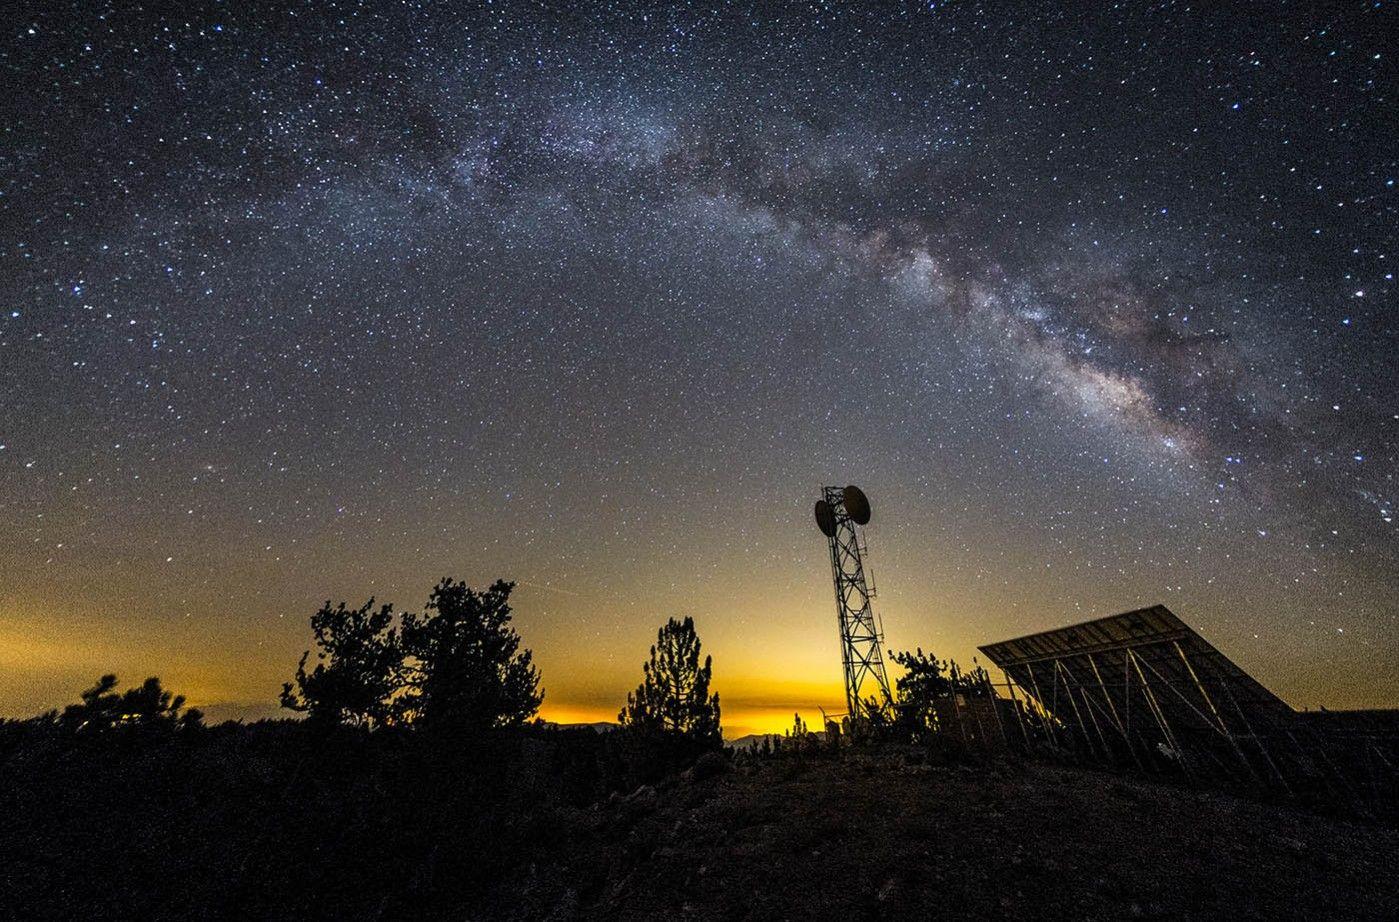 причина том, ночное звездное небо астрофотография мой